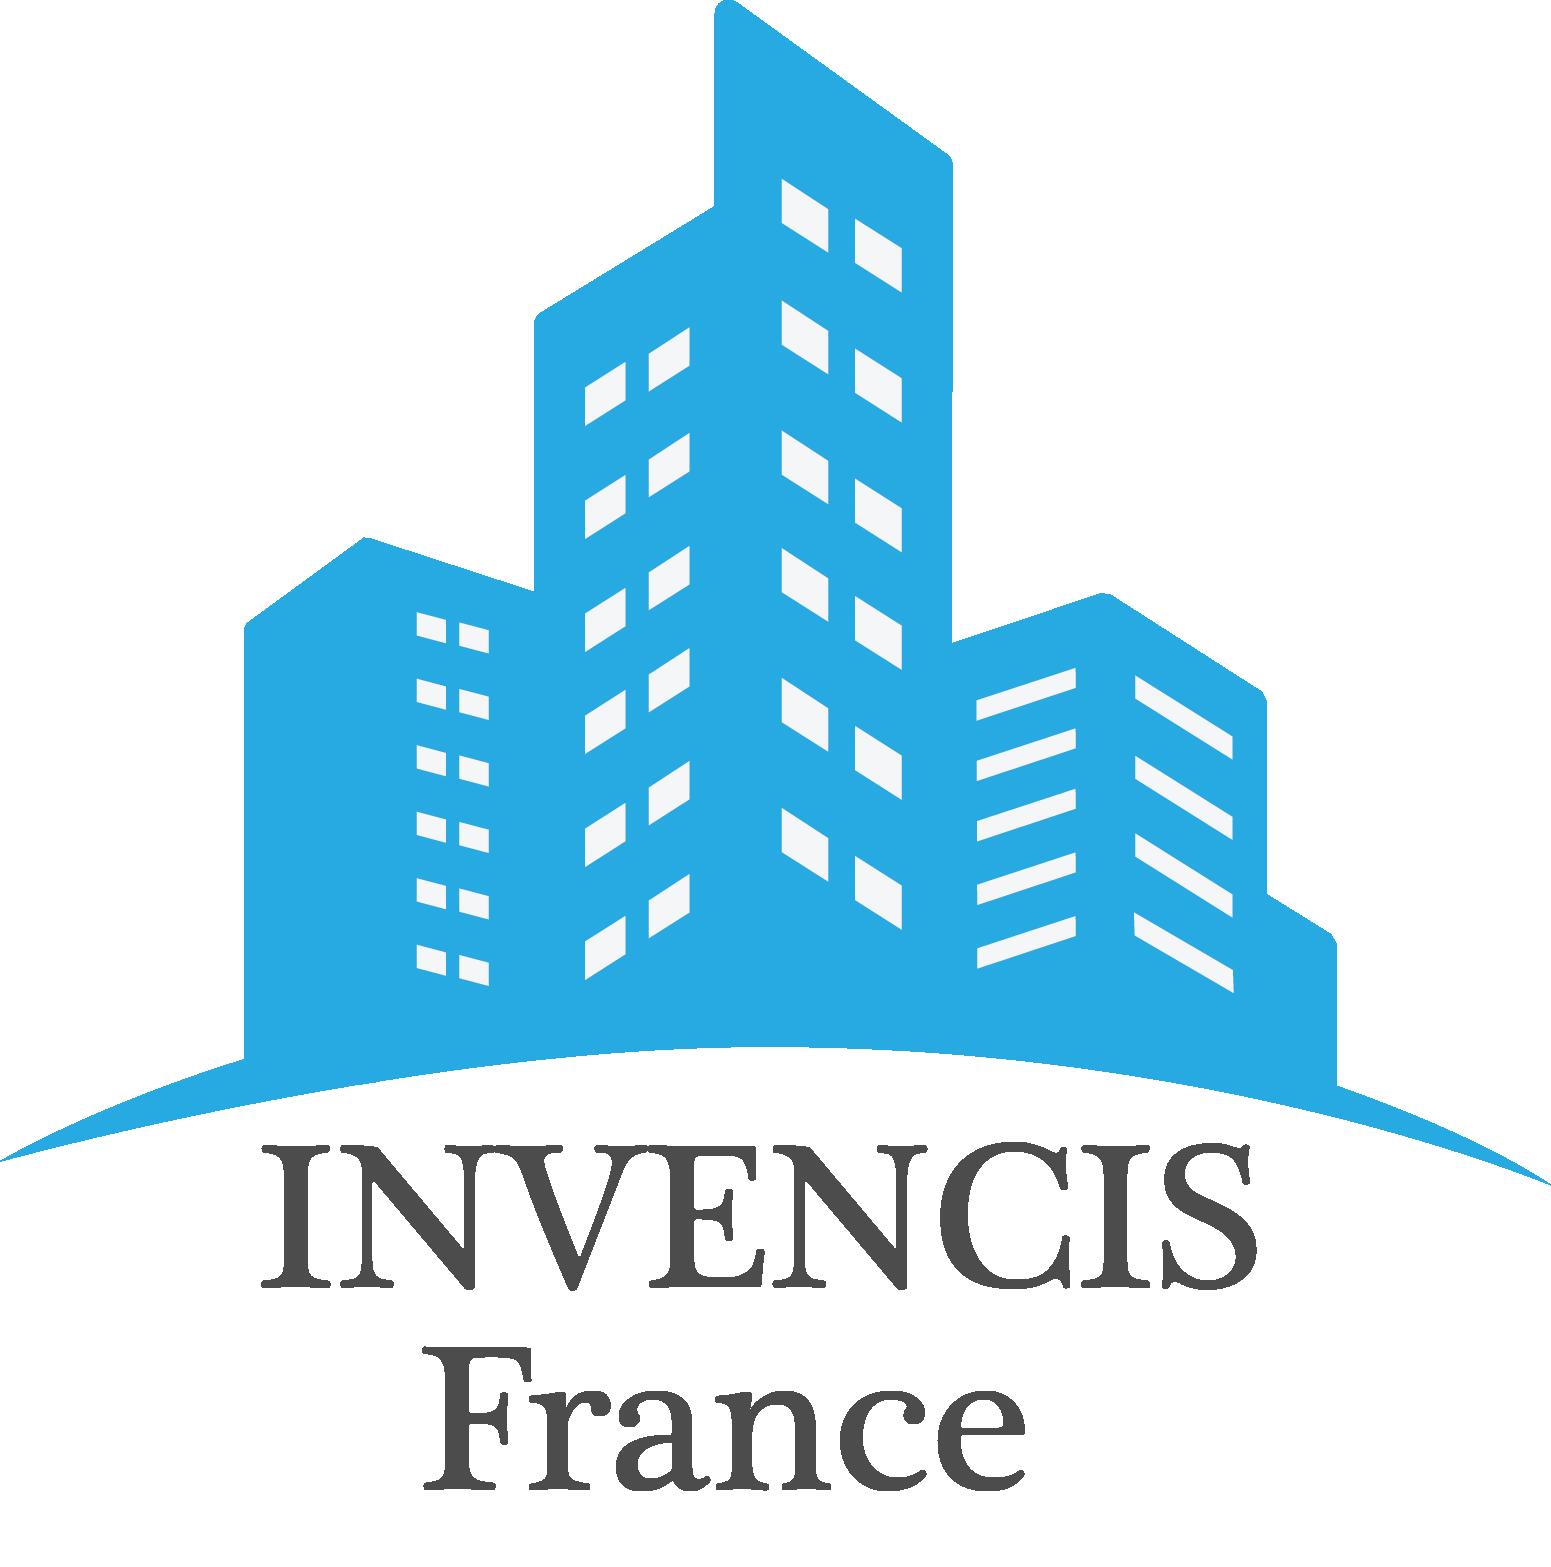 Logo de INVENCIS FRANCE, société de travaux en Rénovation complète d'appartements, pavillons, bureaux